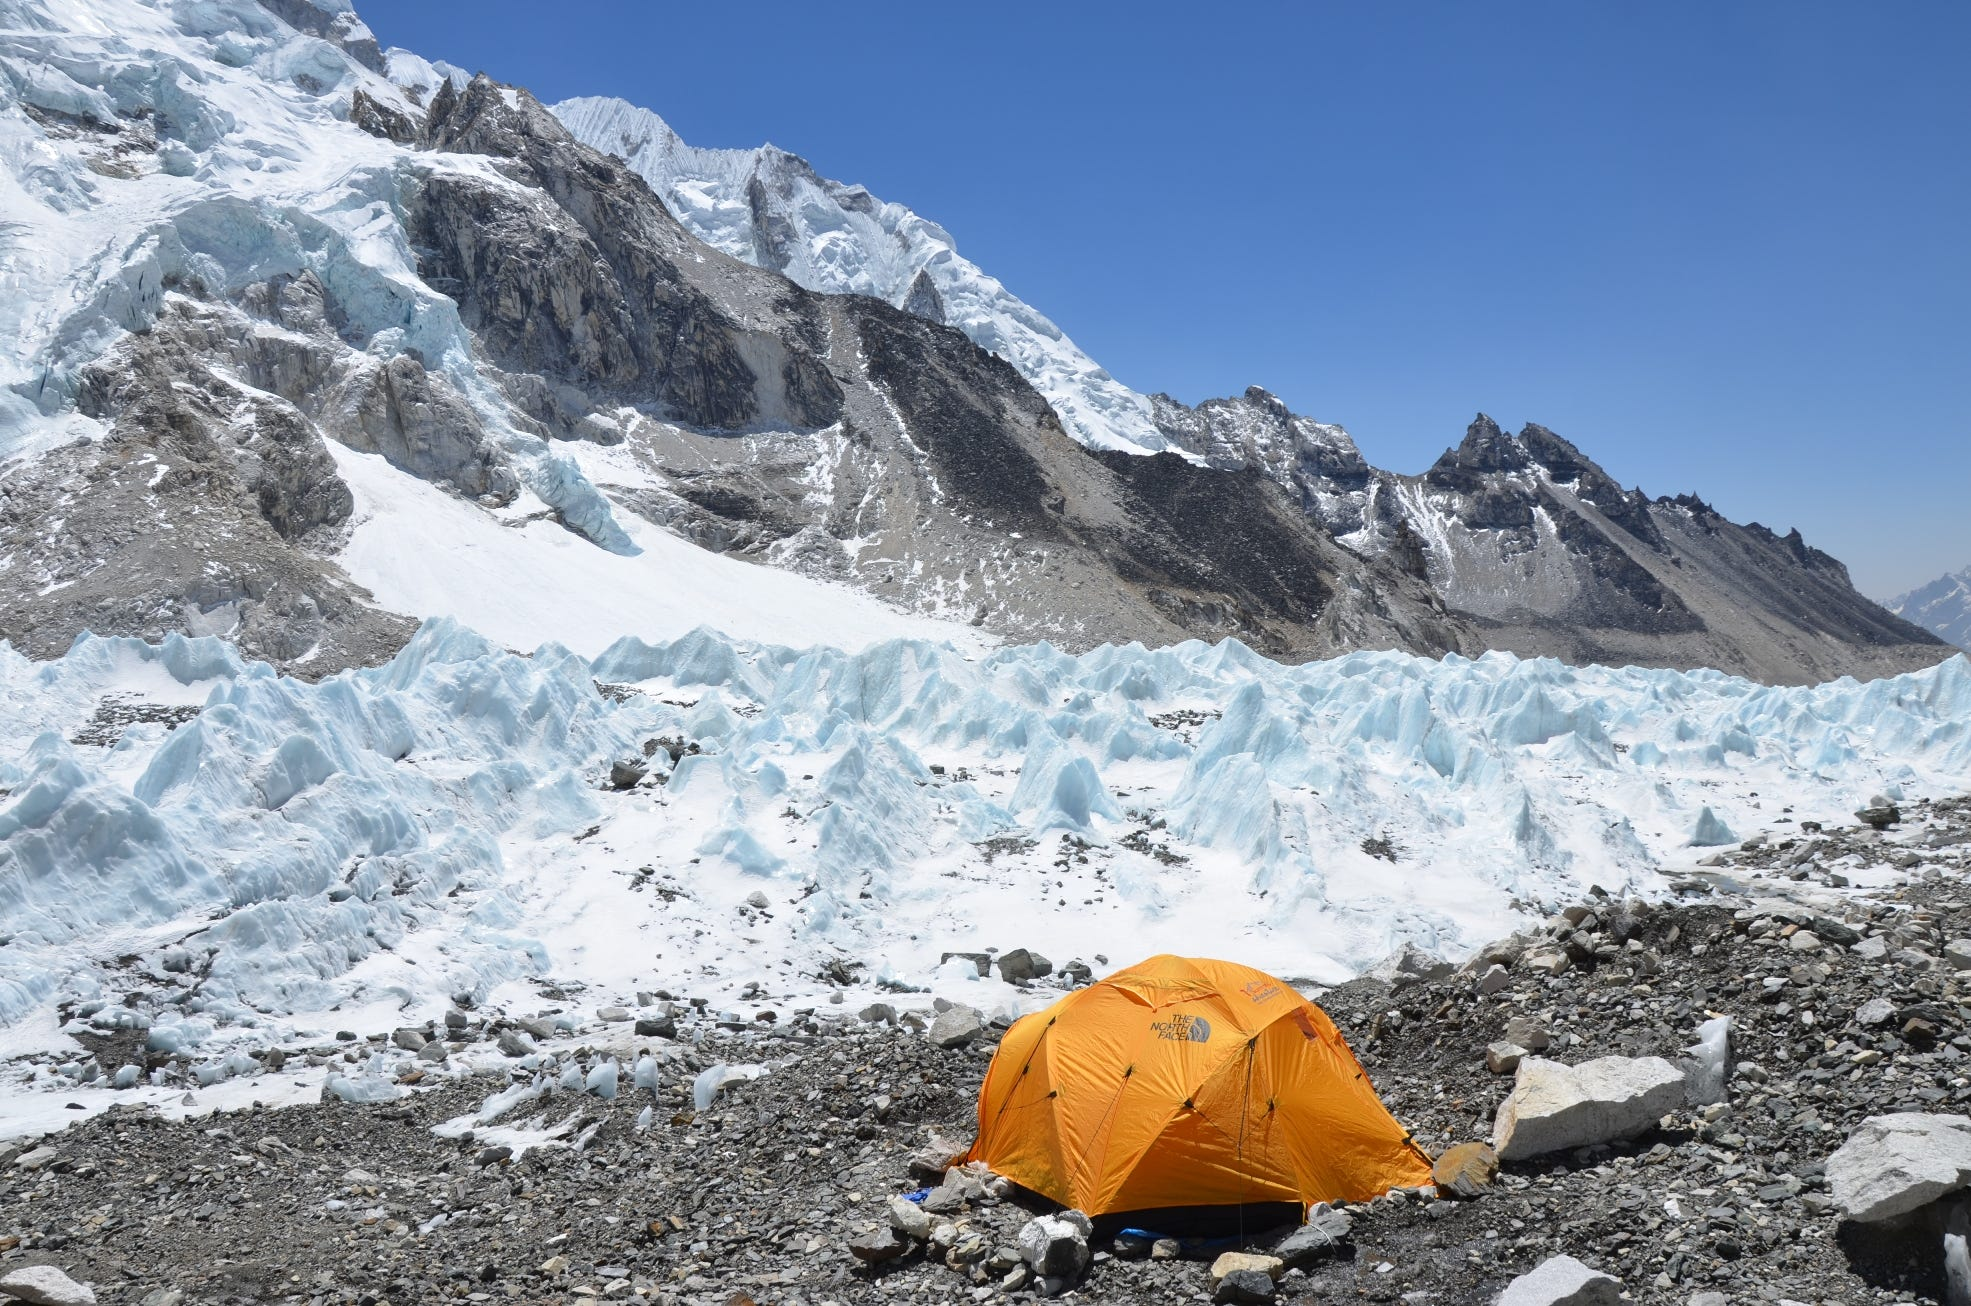 Study finds climbing Mount Everest has gotten easier